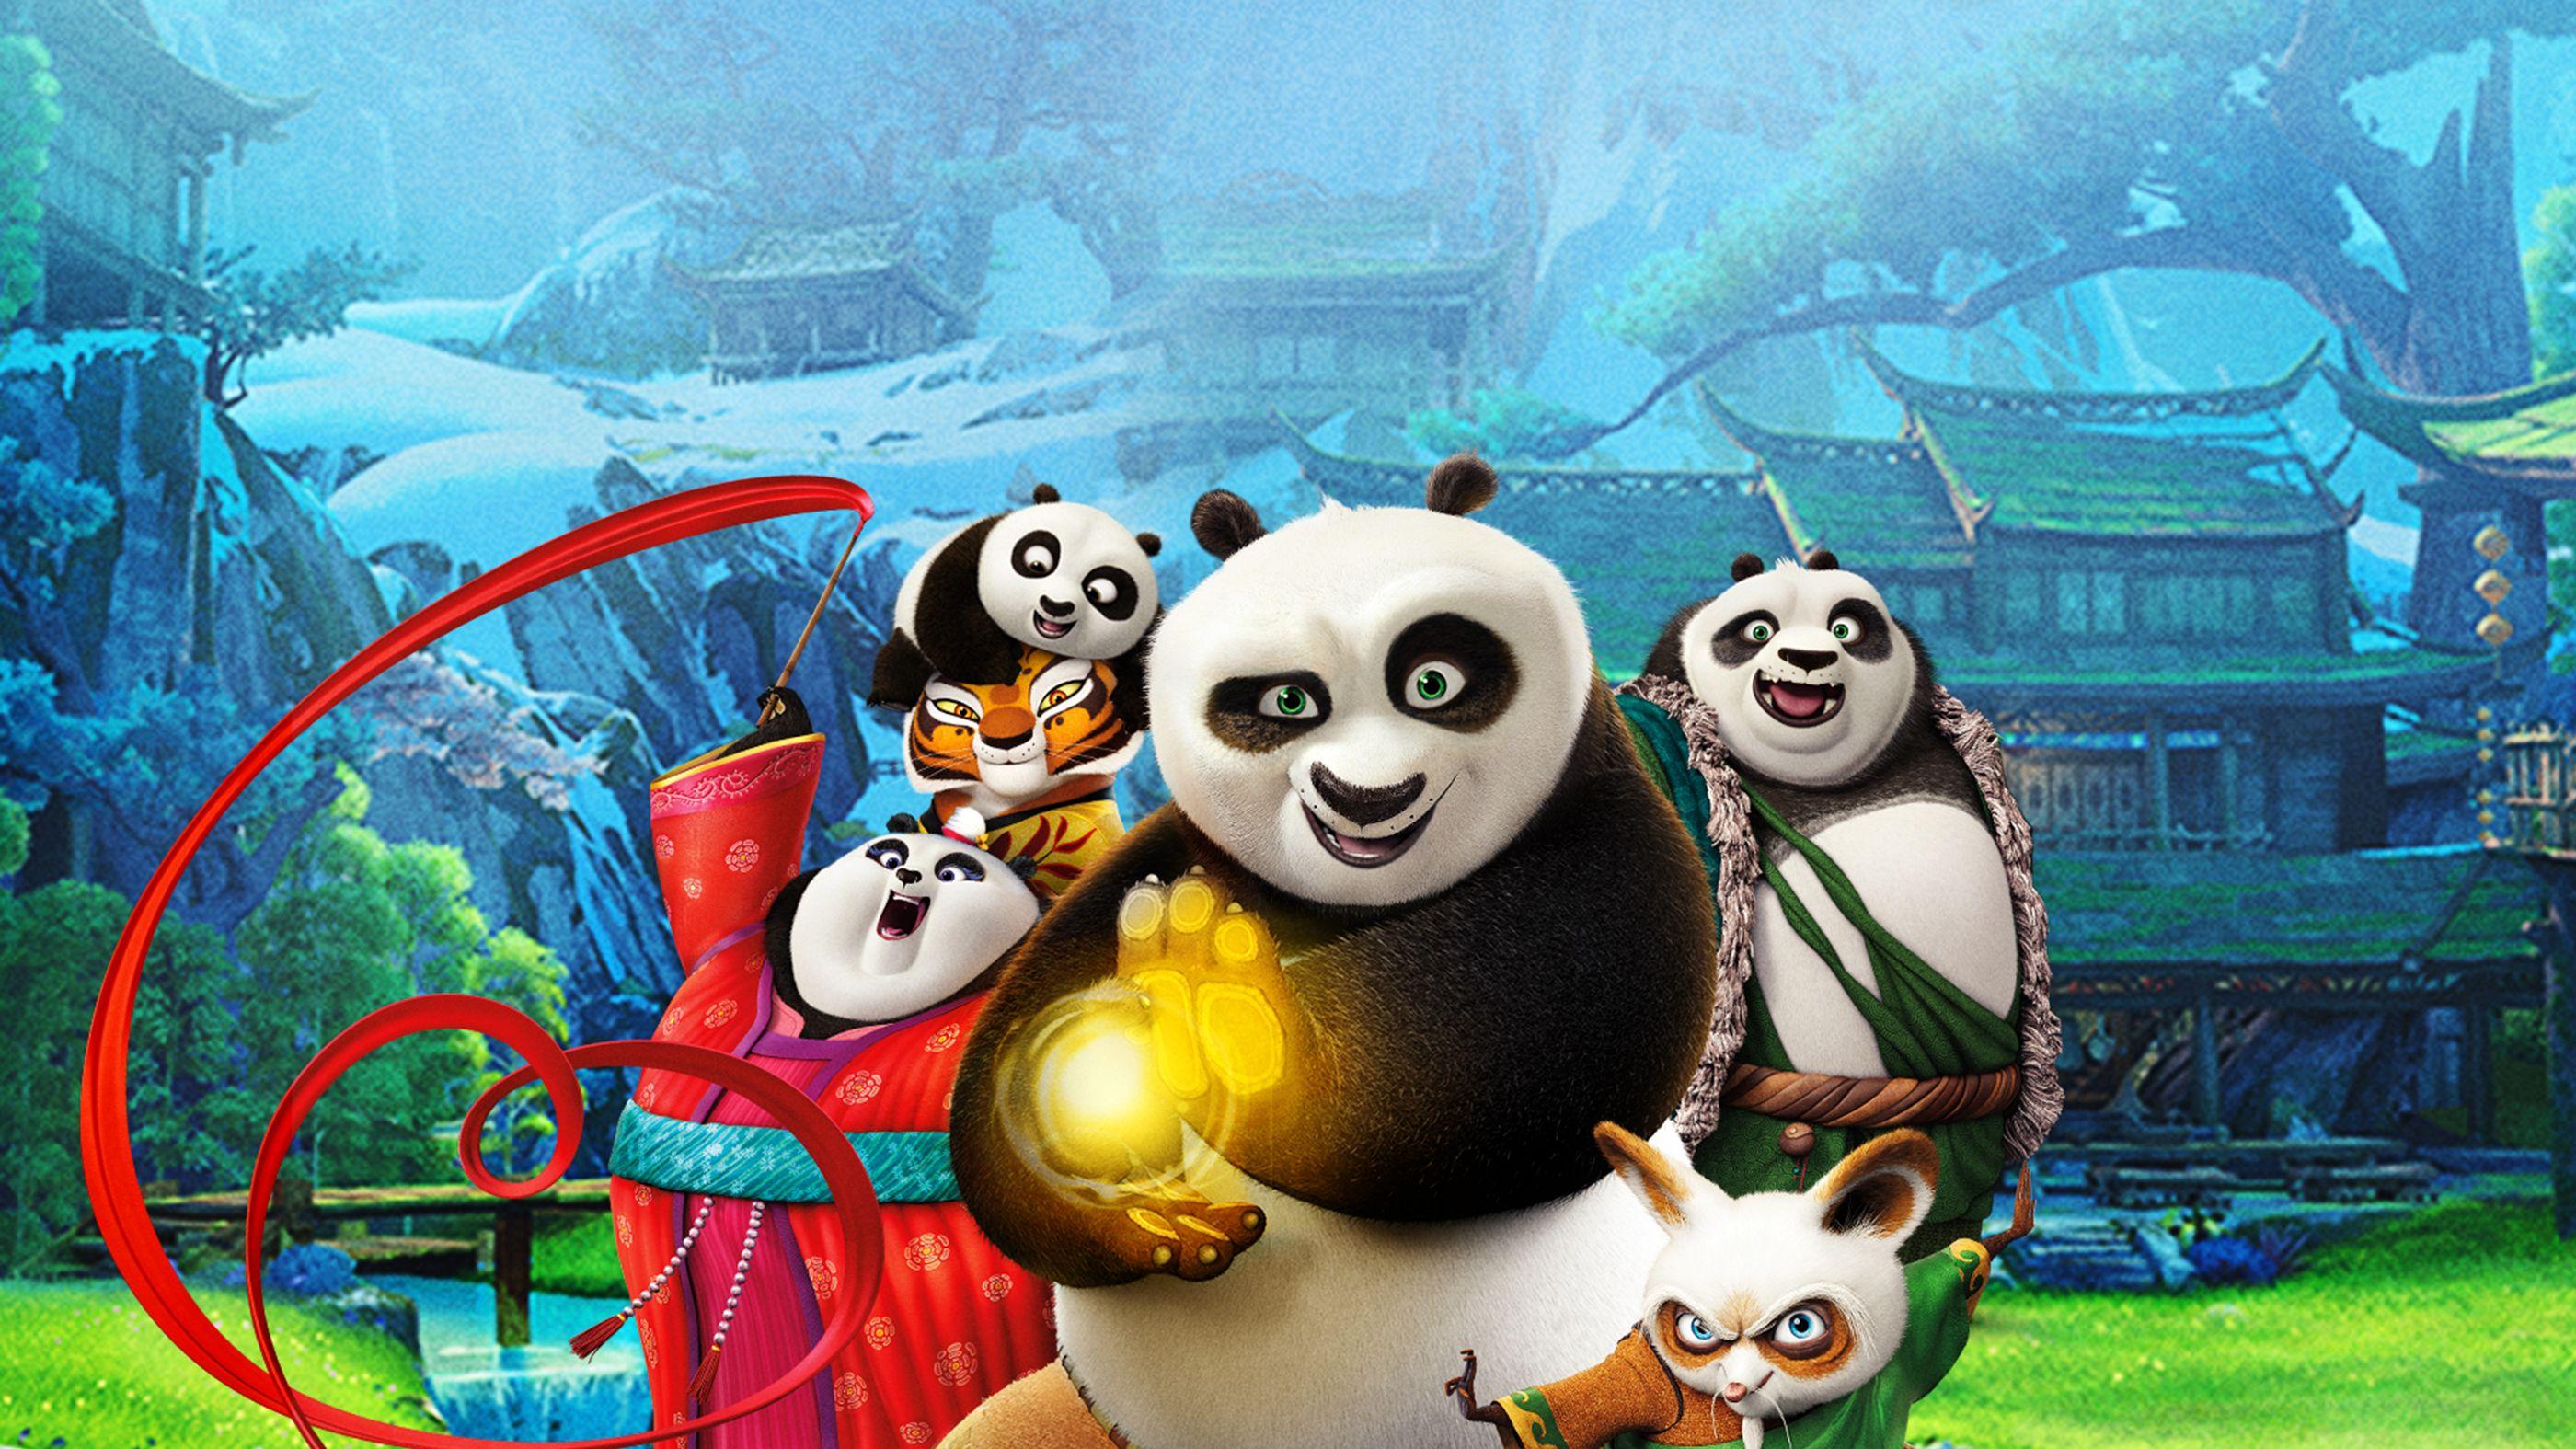 Kung Fu Panda 3 Full Movie Movies Anywhere